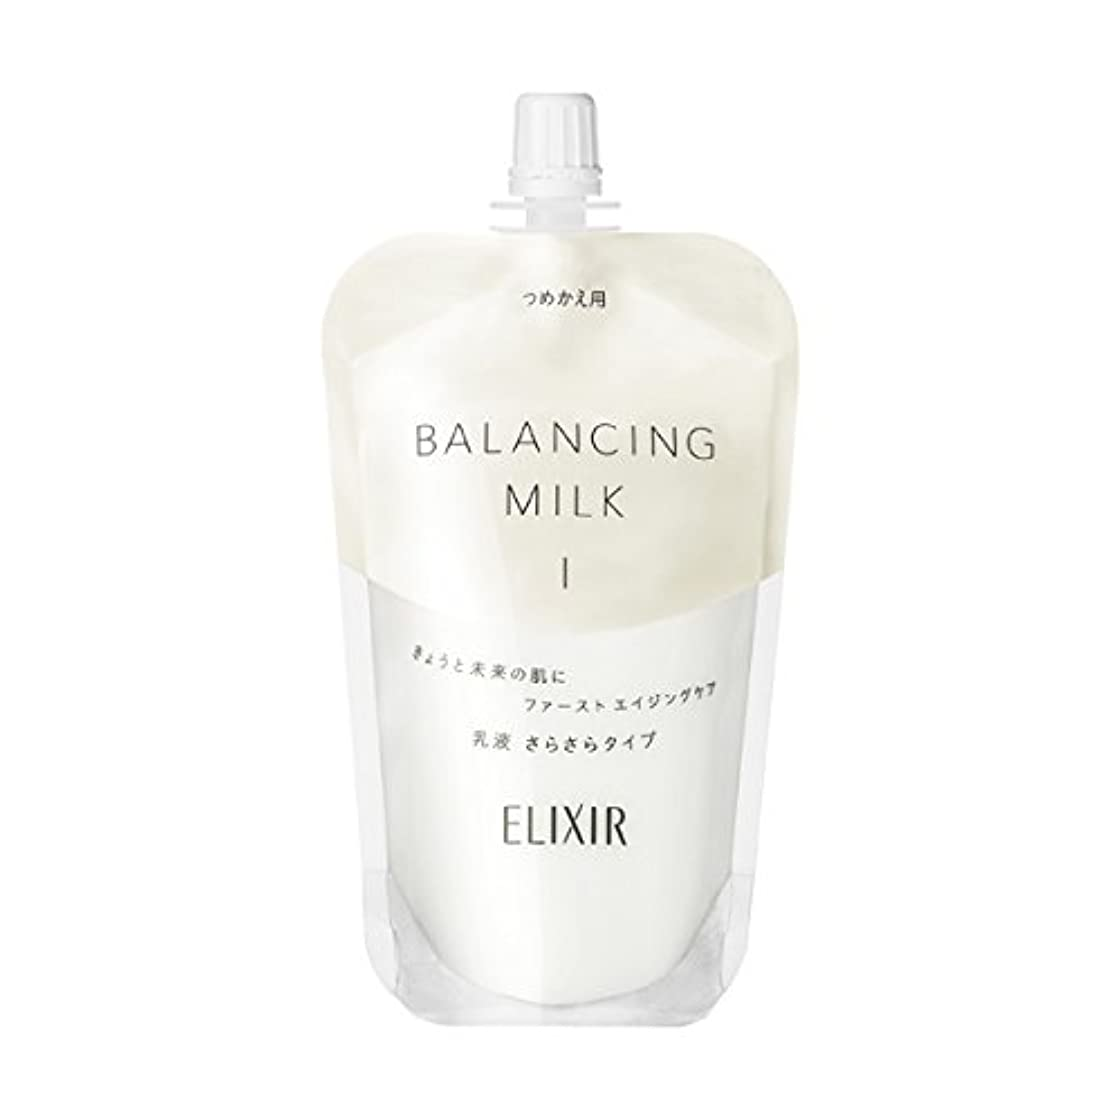 エリクシール ルフレ バランシング ミルク 乳液 1 (さらさらタイプ) (つめかえ用) 110mL